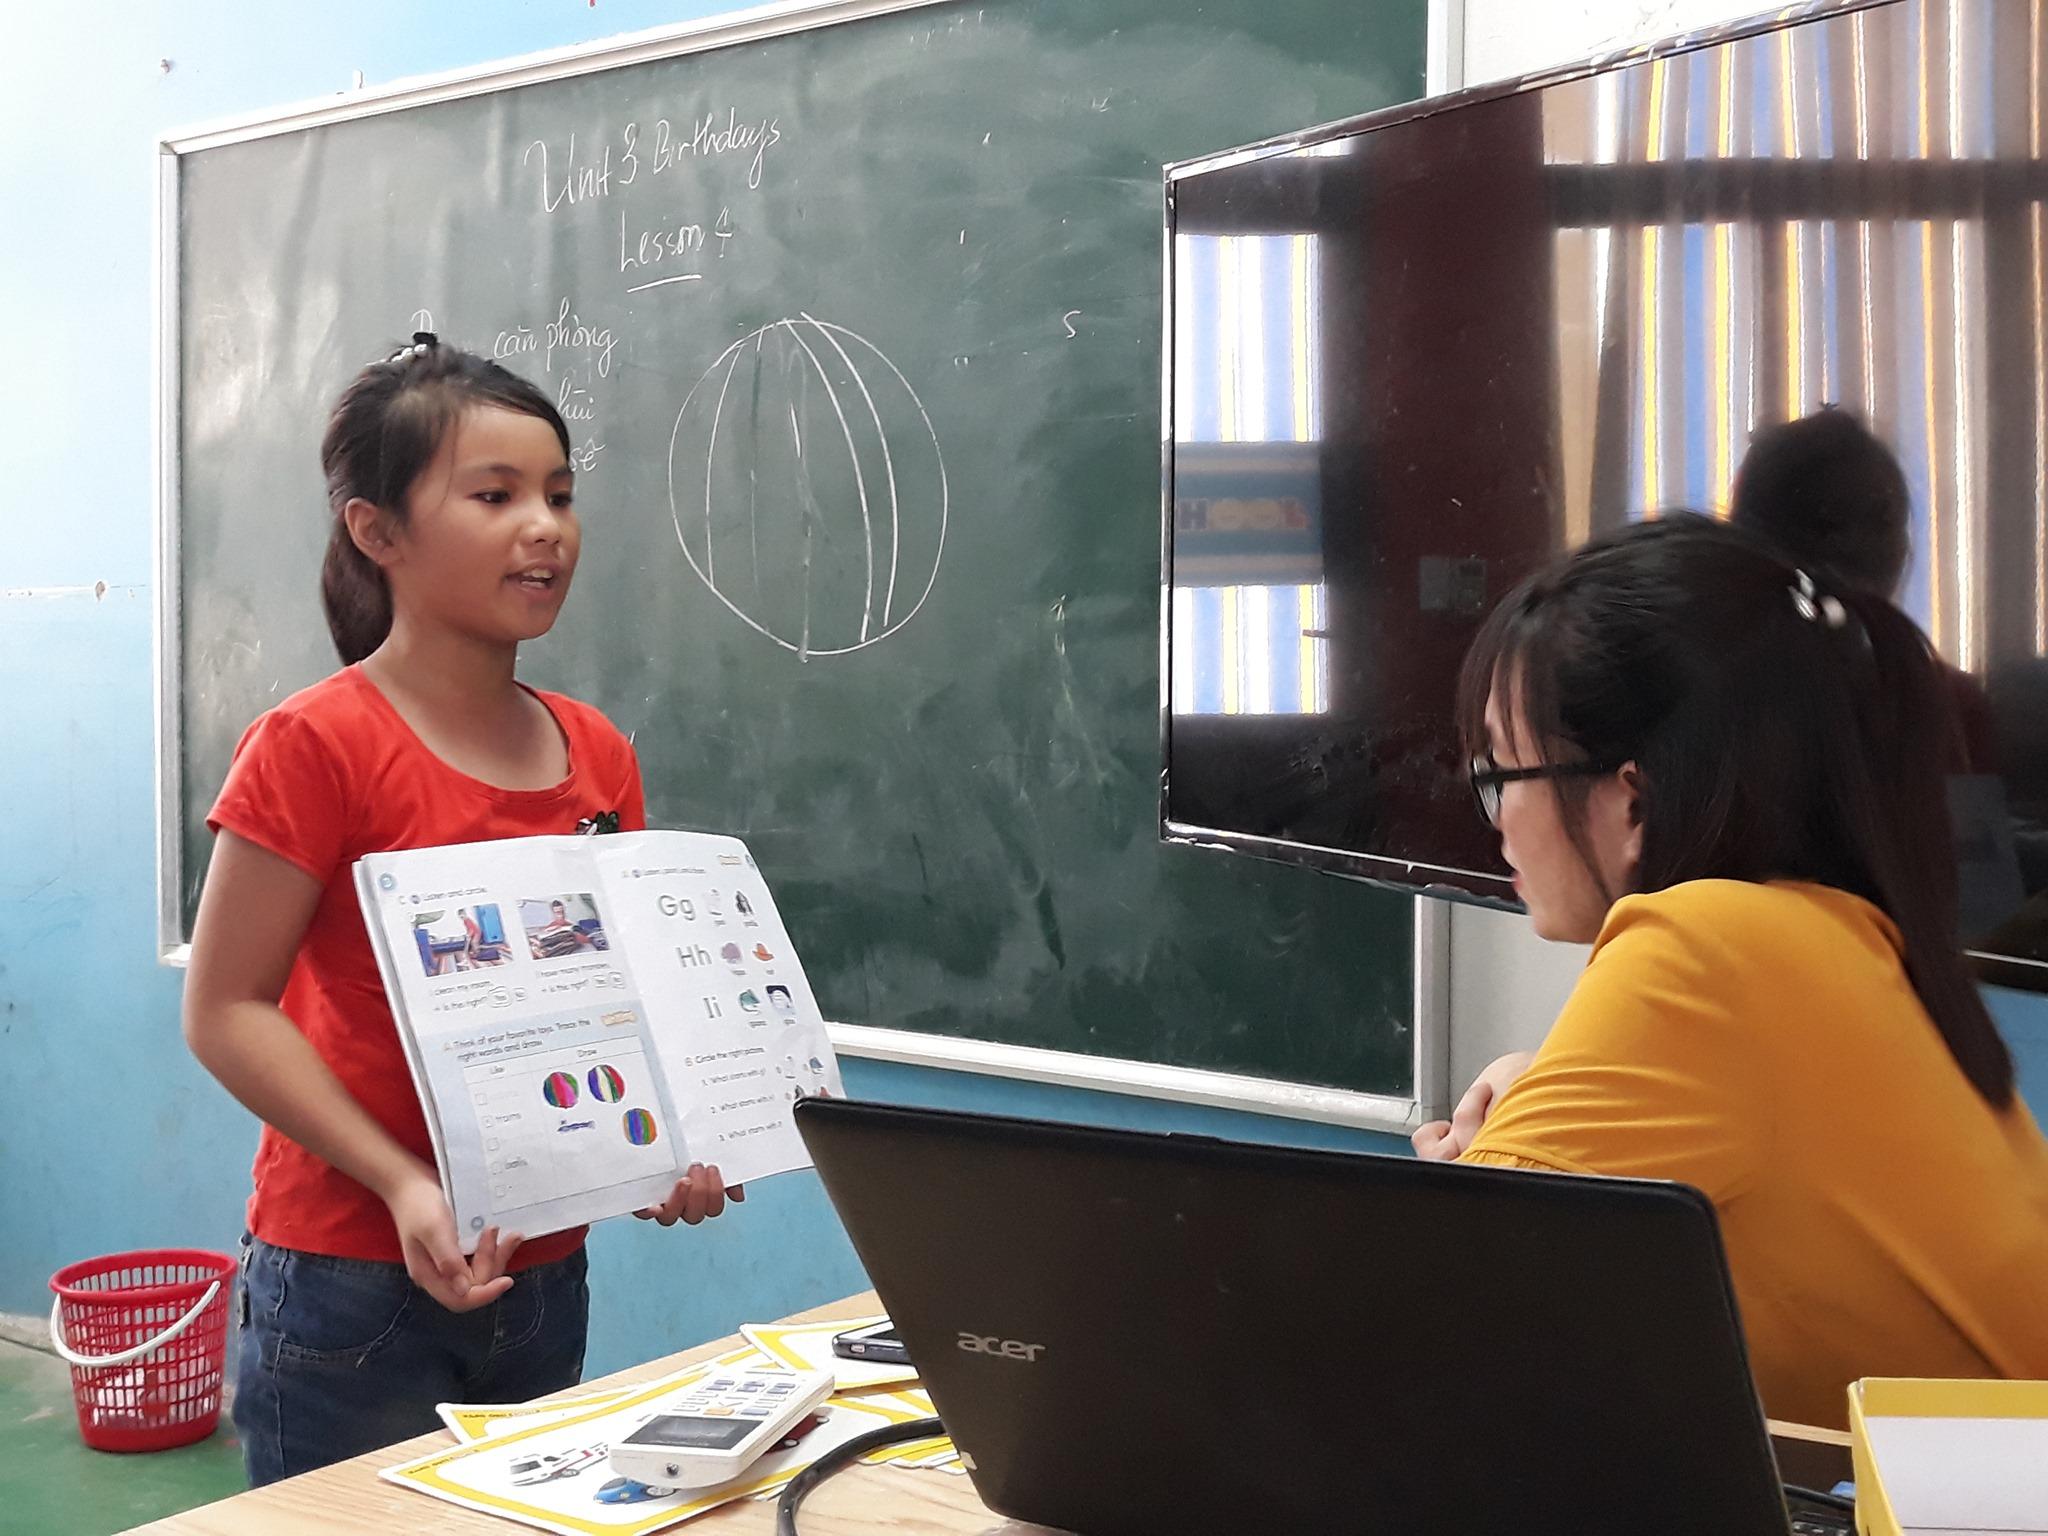 Giúp bé luyện nói tiếng Anh như thế nào hiệu quả